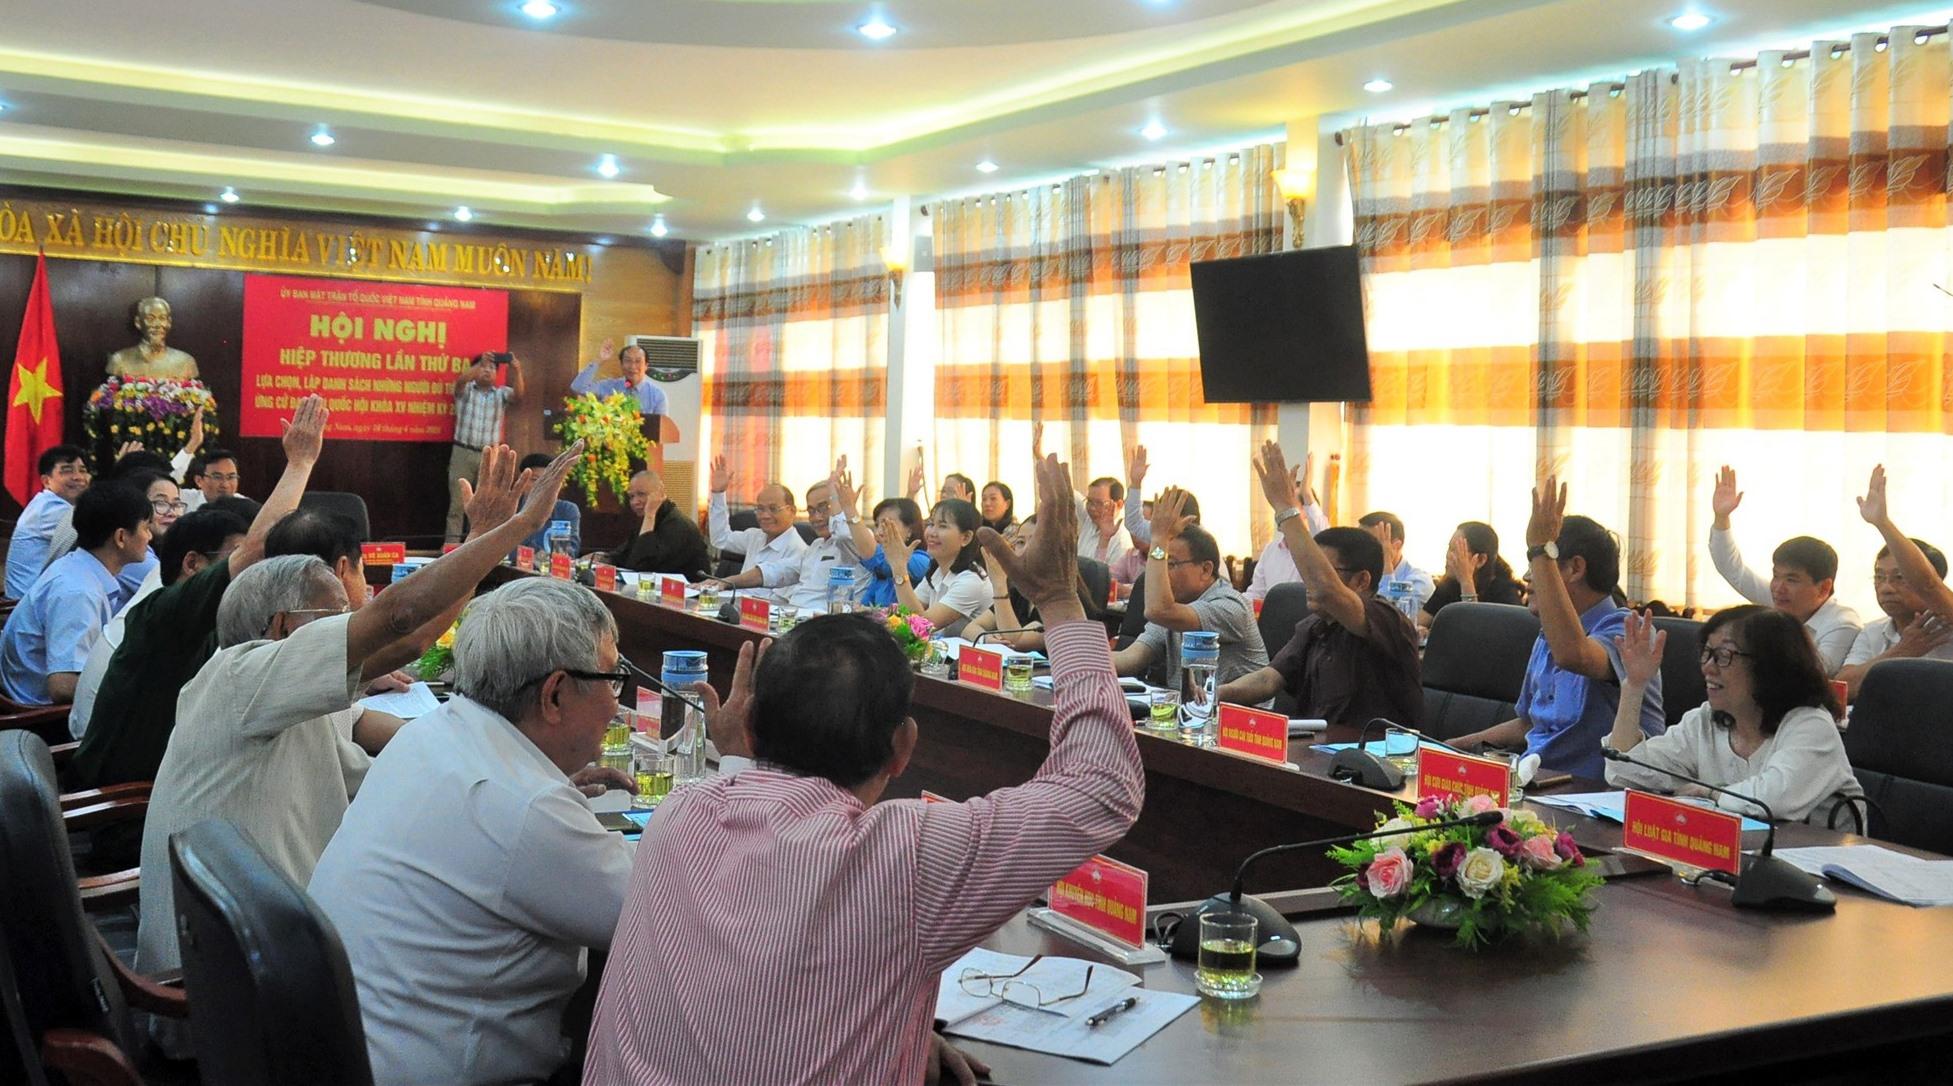 Ủy ban MTTQ Việt Nam tỉnh tổ chức hiệp thương giới thiệu người ứng cử. Ảnh: V.A